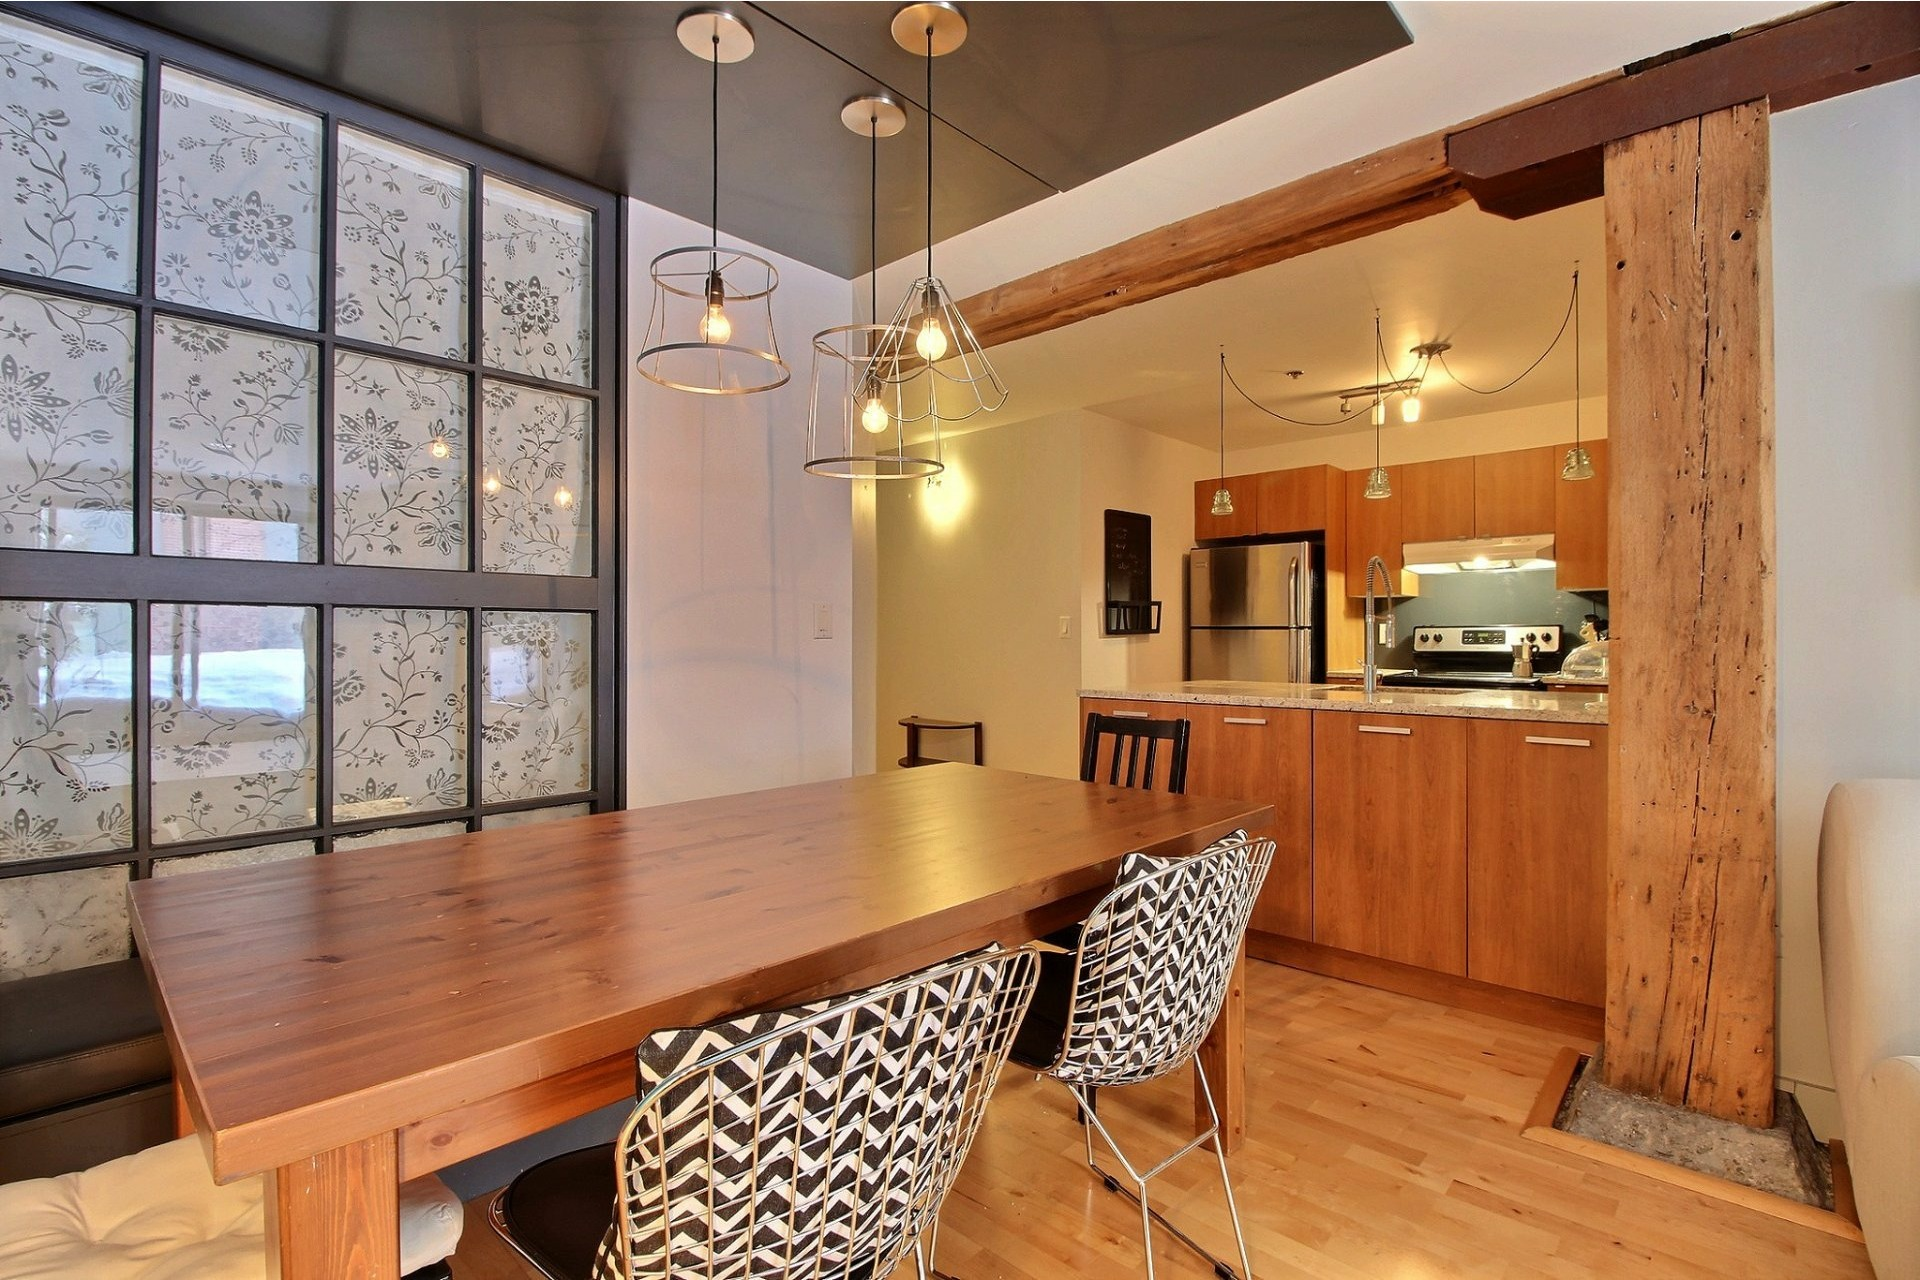 image 4 - Appartement À louer Mercier/Hochelaga-Maisonneuve Montréal  - 5 pièces